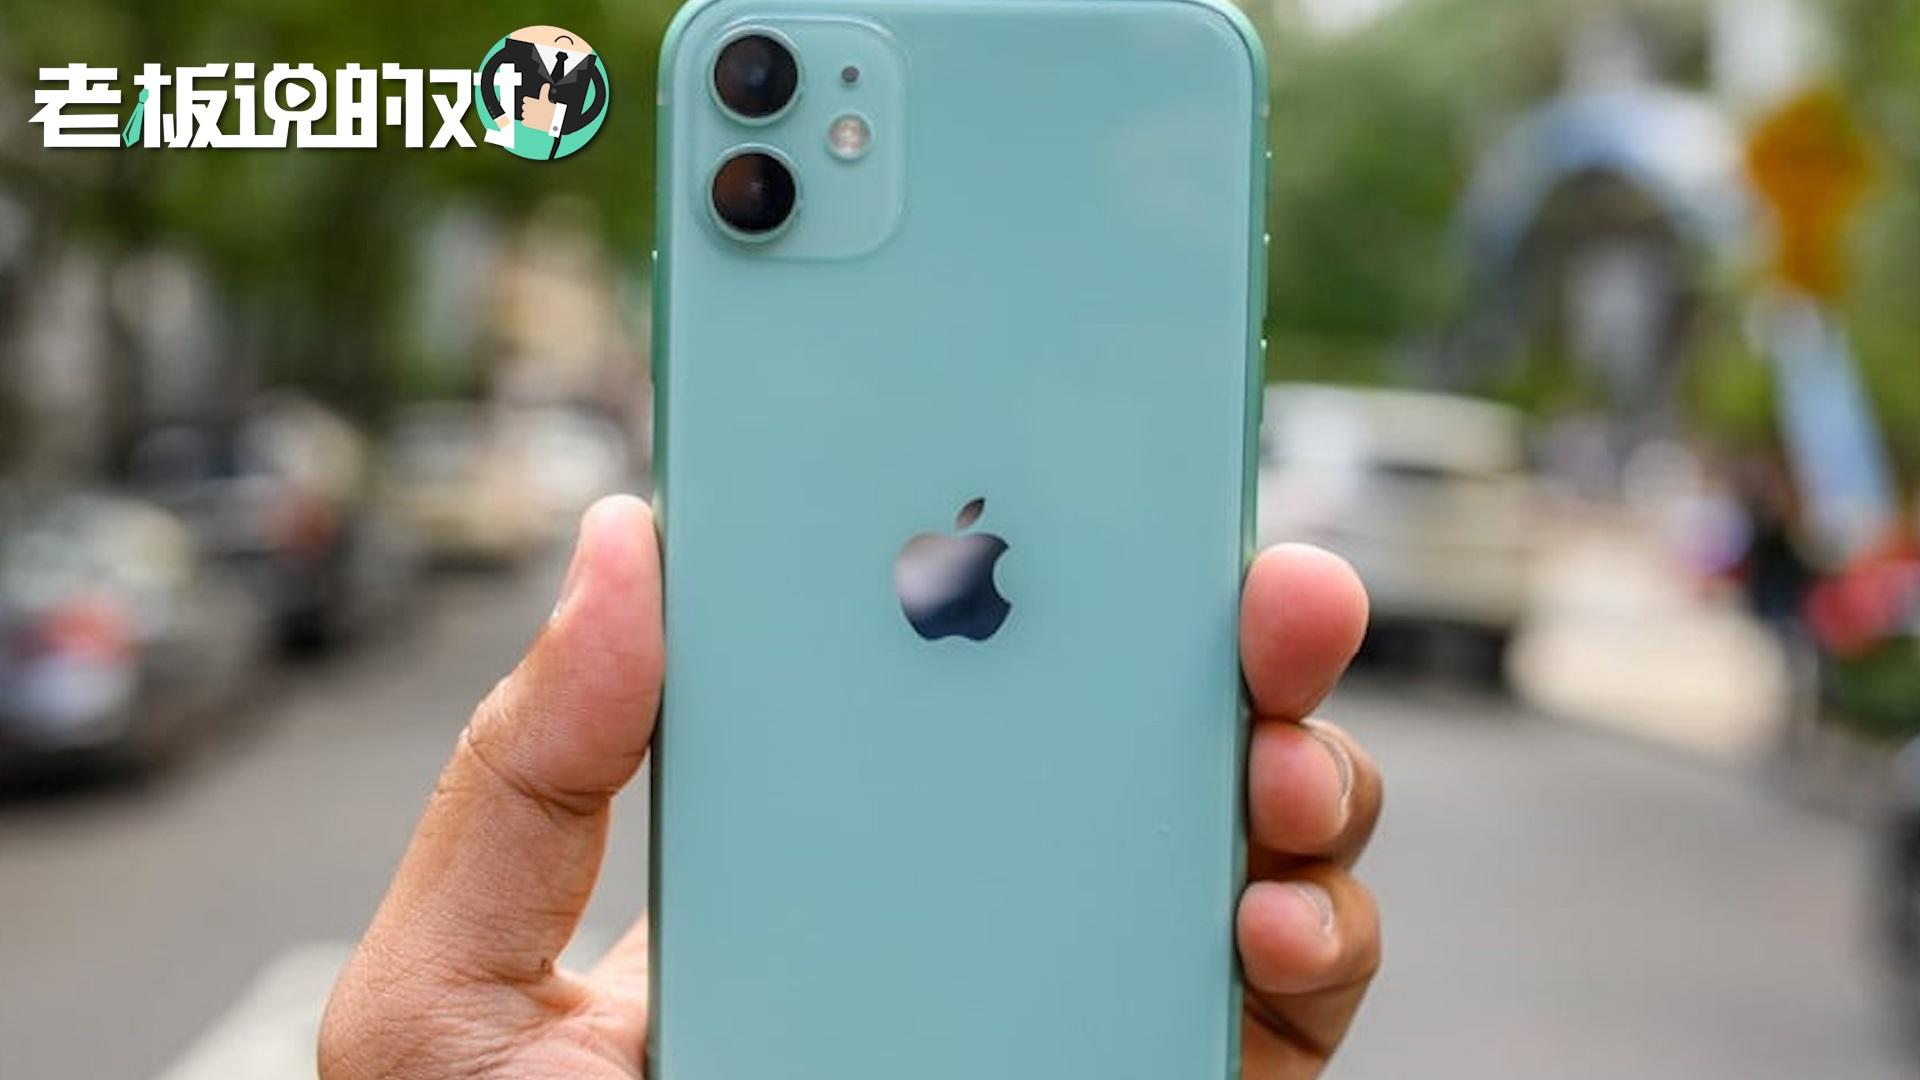 降了50美元!iPhone 11大卖背后:换机的基本是iPhone6/6s的用户